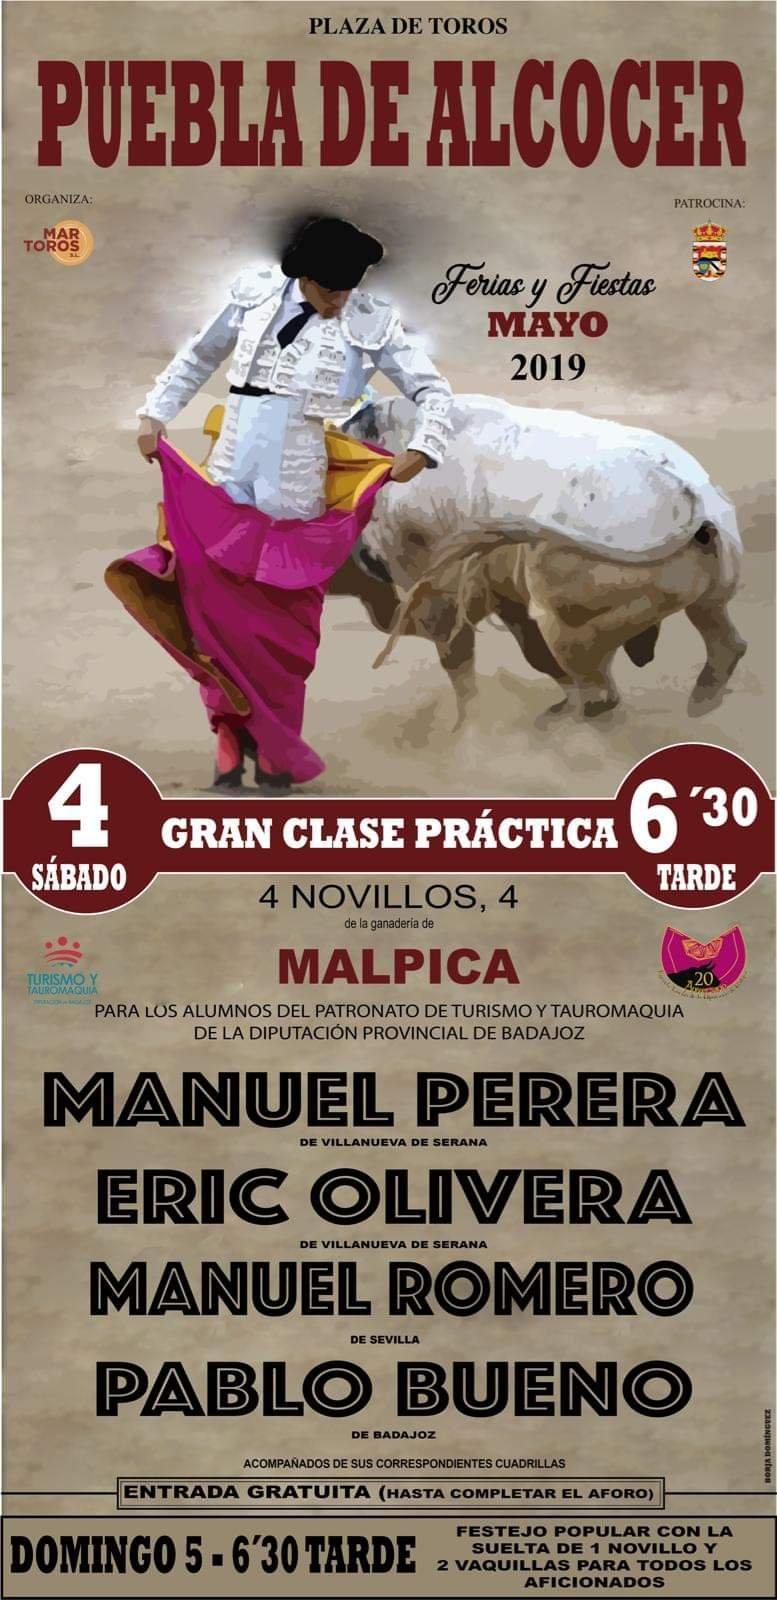 Ferias y fiestas mayo 2019 - Puebla de Alcocer (Badajoz)